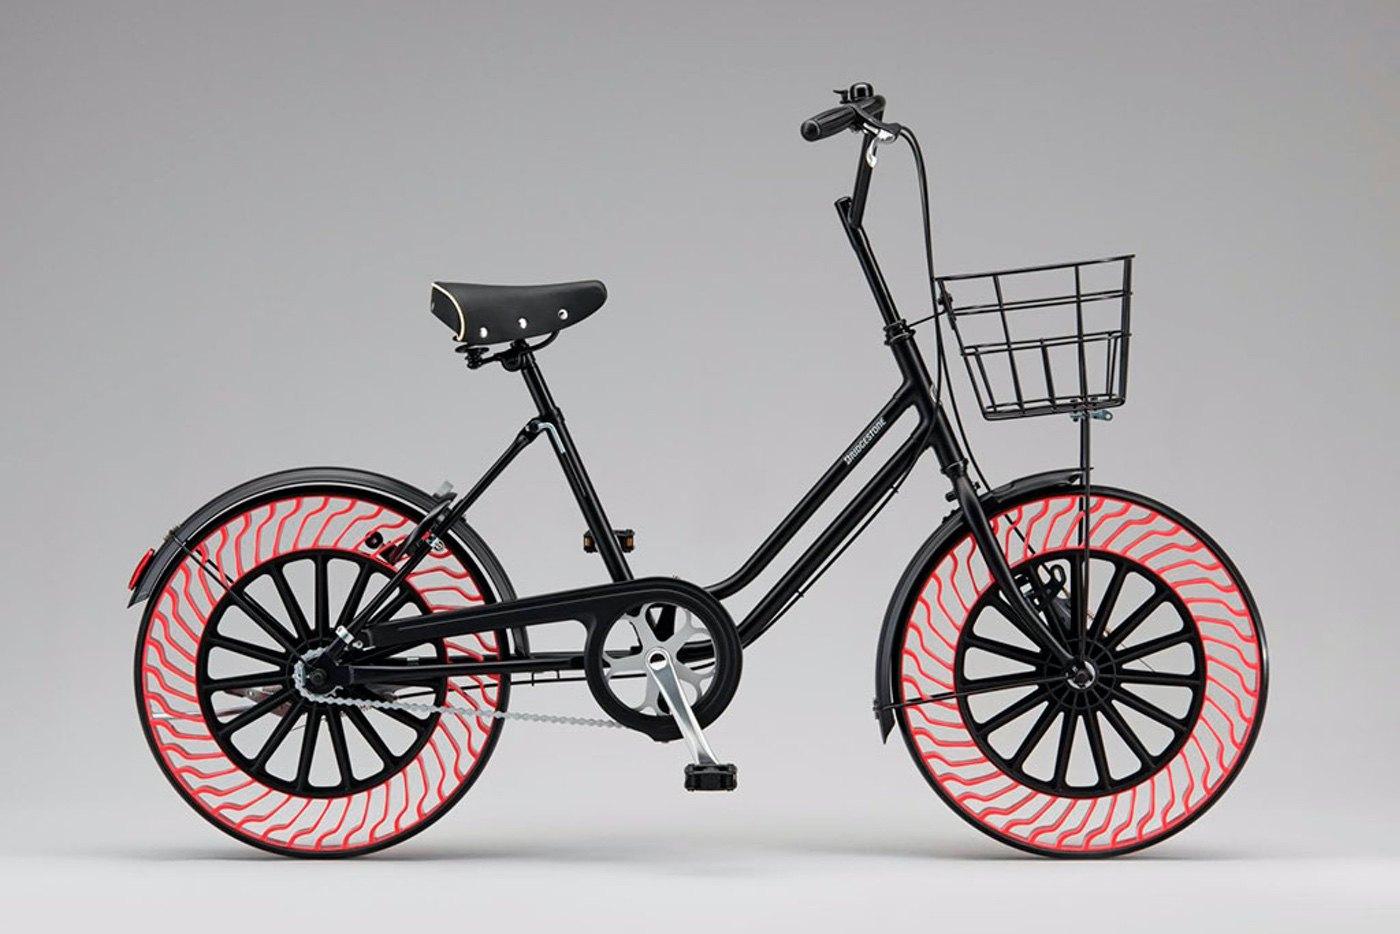 Neumáticos Air Free de Bridgestone, cuando la tecnología y el diseño salen a montar en bici